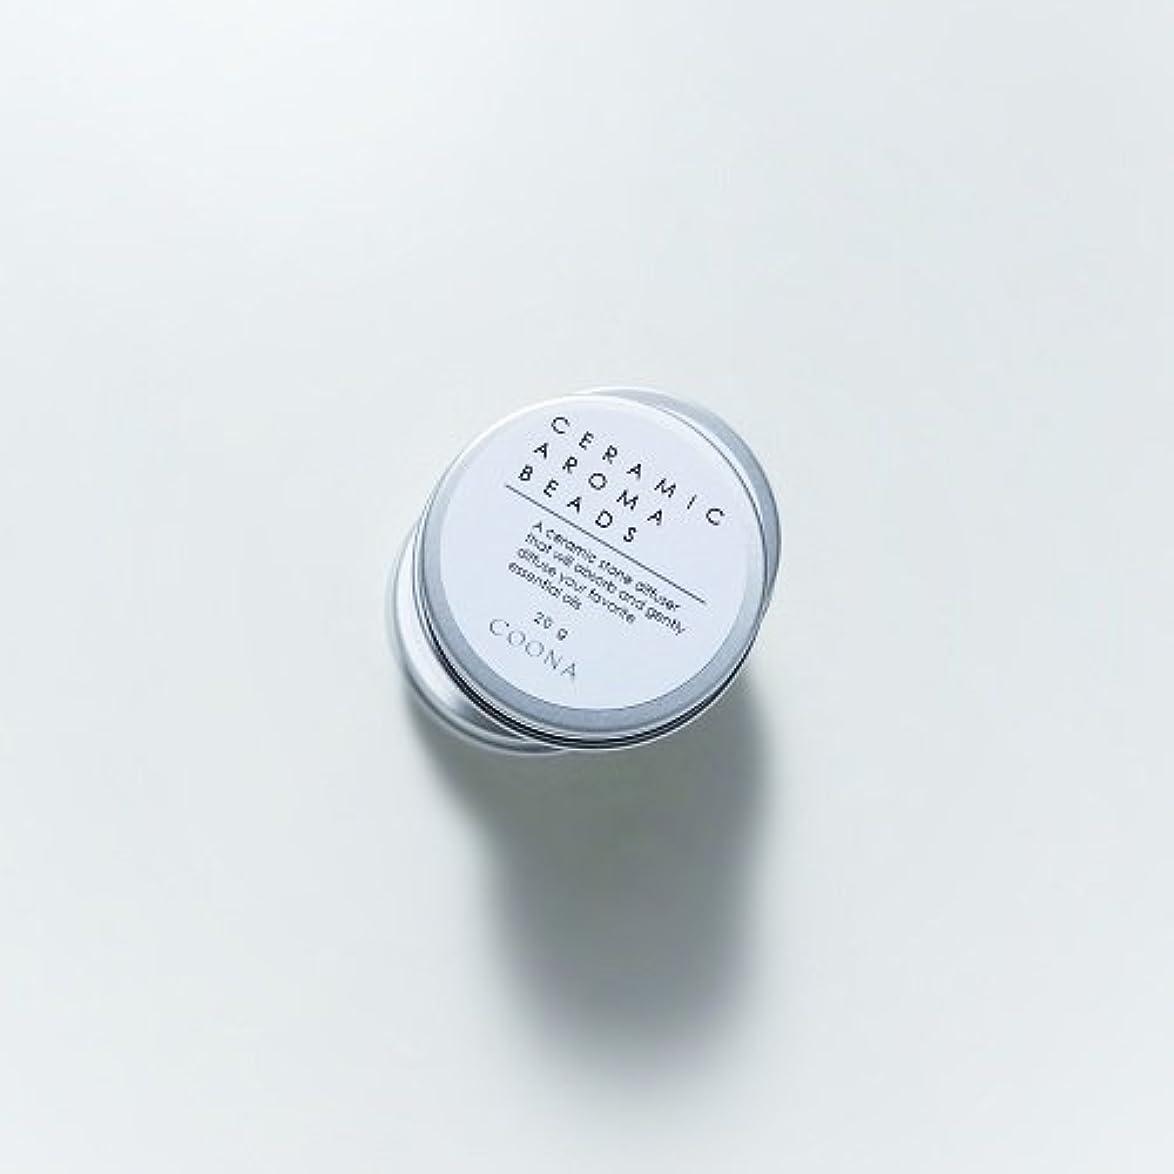 舌叱るトランザクションセラミックアロマビーズ(缶入り アロマストーン エコディフューザー)20g×1個